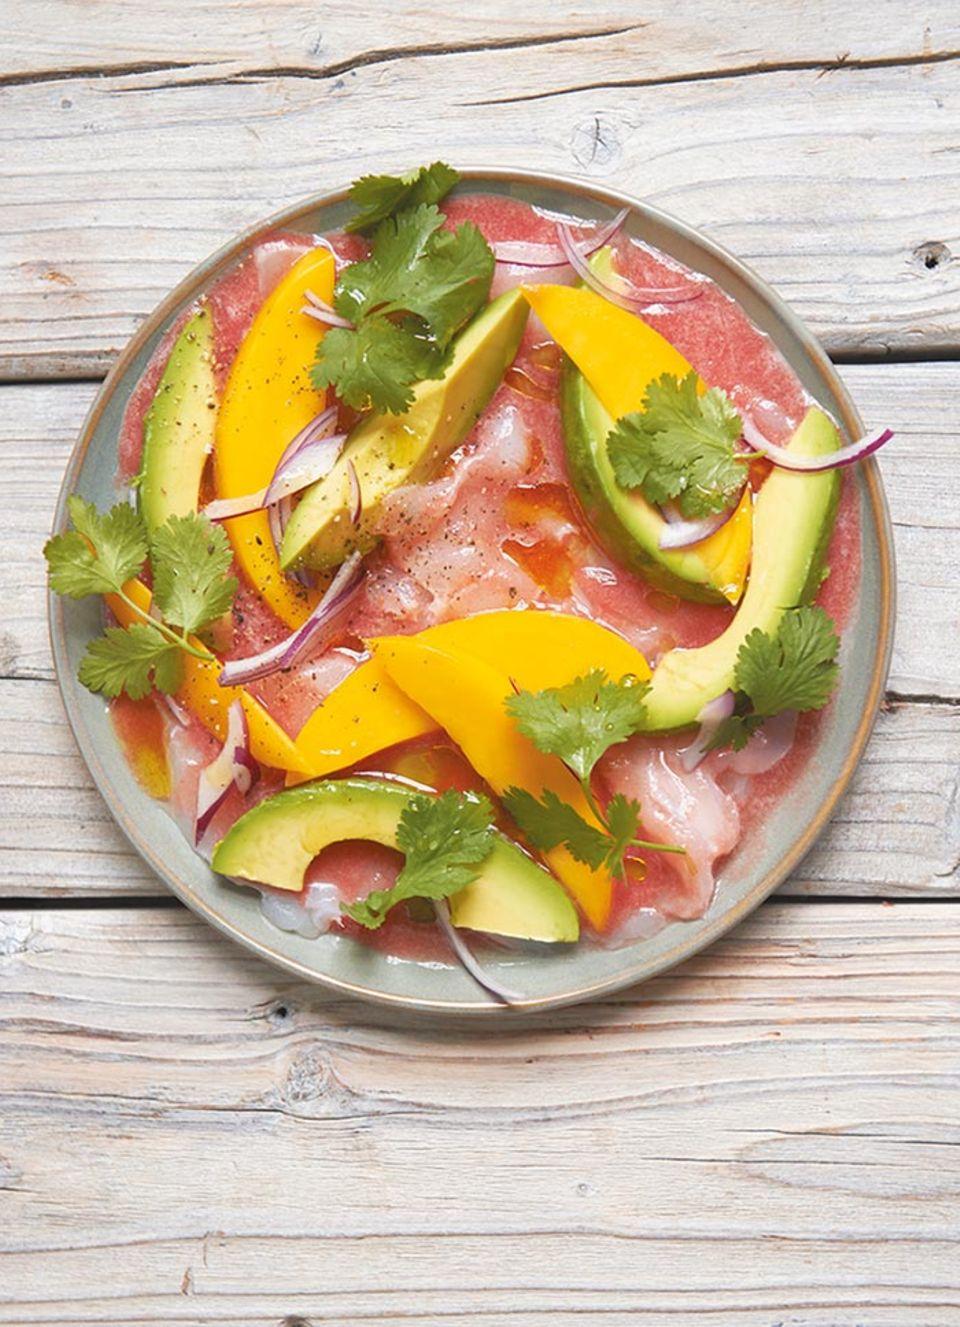 Ach herzhaft ein Traum: Mit Avocado, Zwiebel, Tomate und Korander verfeinern Mangoscheiben ein zartes Kabeljau-Ceviche